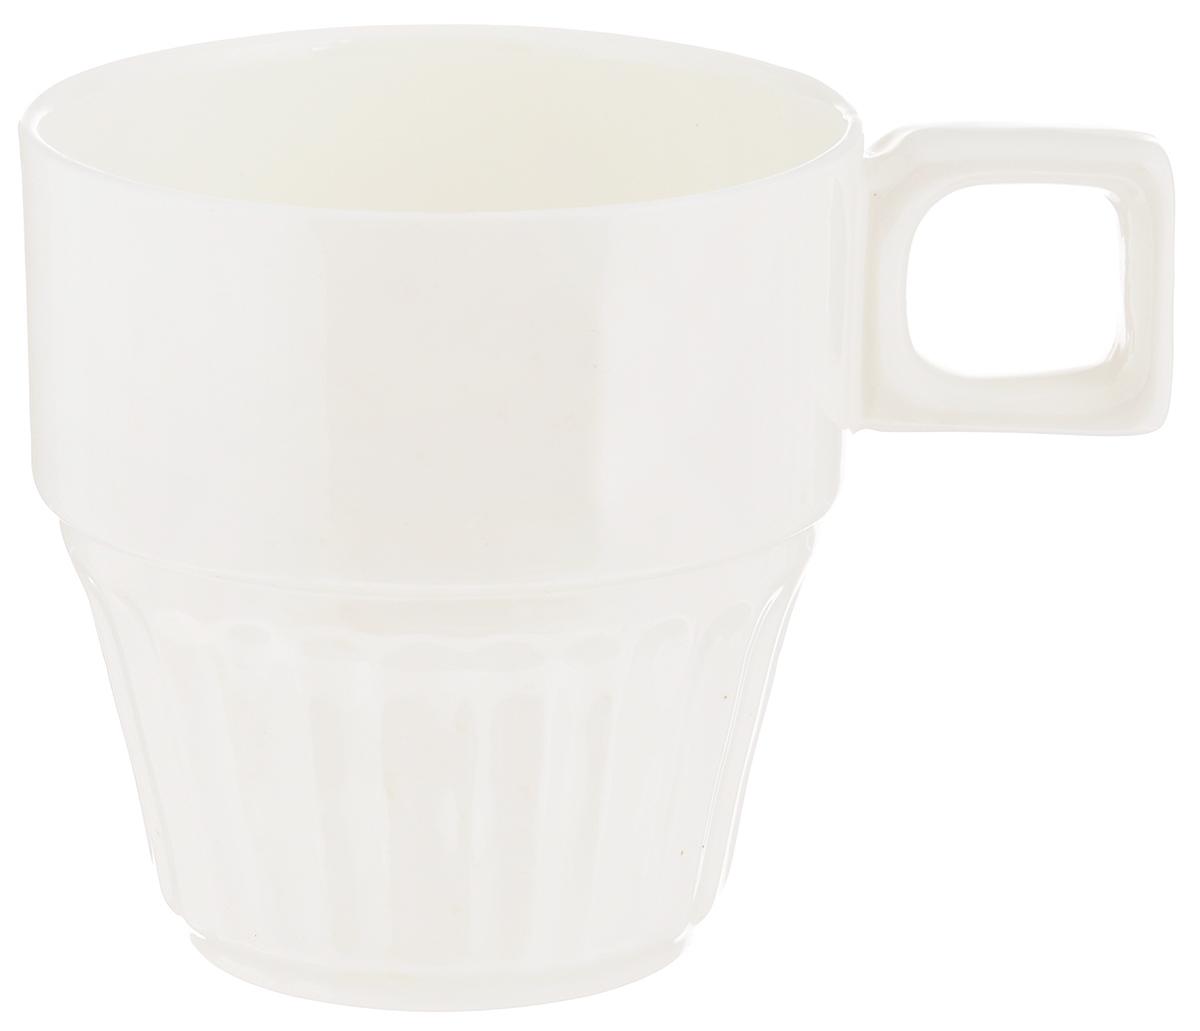 Чашка чайная Wilmax, штабелируемая, 250 мл. WL-993053WL-993053Чайная чашка Wilmax изготовлена из высококачественного фарфора, покрытого глазурью, и оформлена рельефом. Штабелируемая, то есть несколько чашек легко вставляются друг в друга. Такая чашка пригодится в любом хозяйстве, она функциональная, практичная и легкая в уходе. Диаметр (по верхнему краю): 7,5 см. Высота стенки: 8 см.